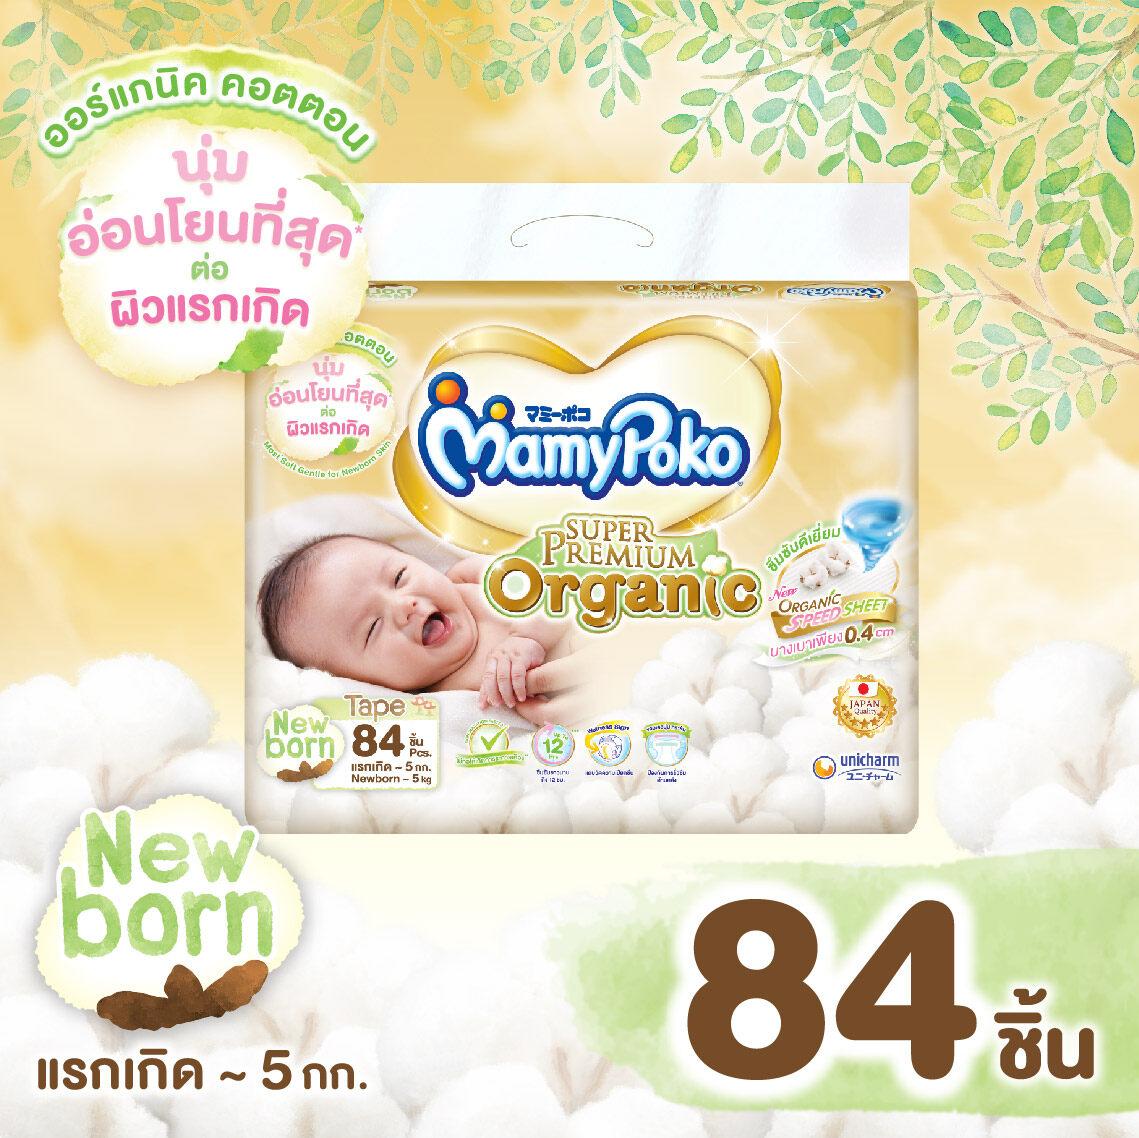 แนะนำ MamyPoko Super Premium Organic ผ้าอ้อมเด็กแบบเทป มามี่โพโค มามี่โพโค ซุปเปอร์ พรีเมี่ยม ออร์แกนิค ไซส์ New born (แรกเกิด) จำนวน 84 ชิ้น